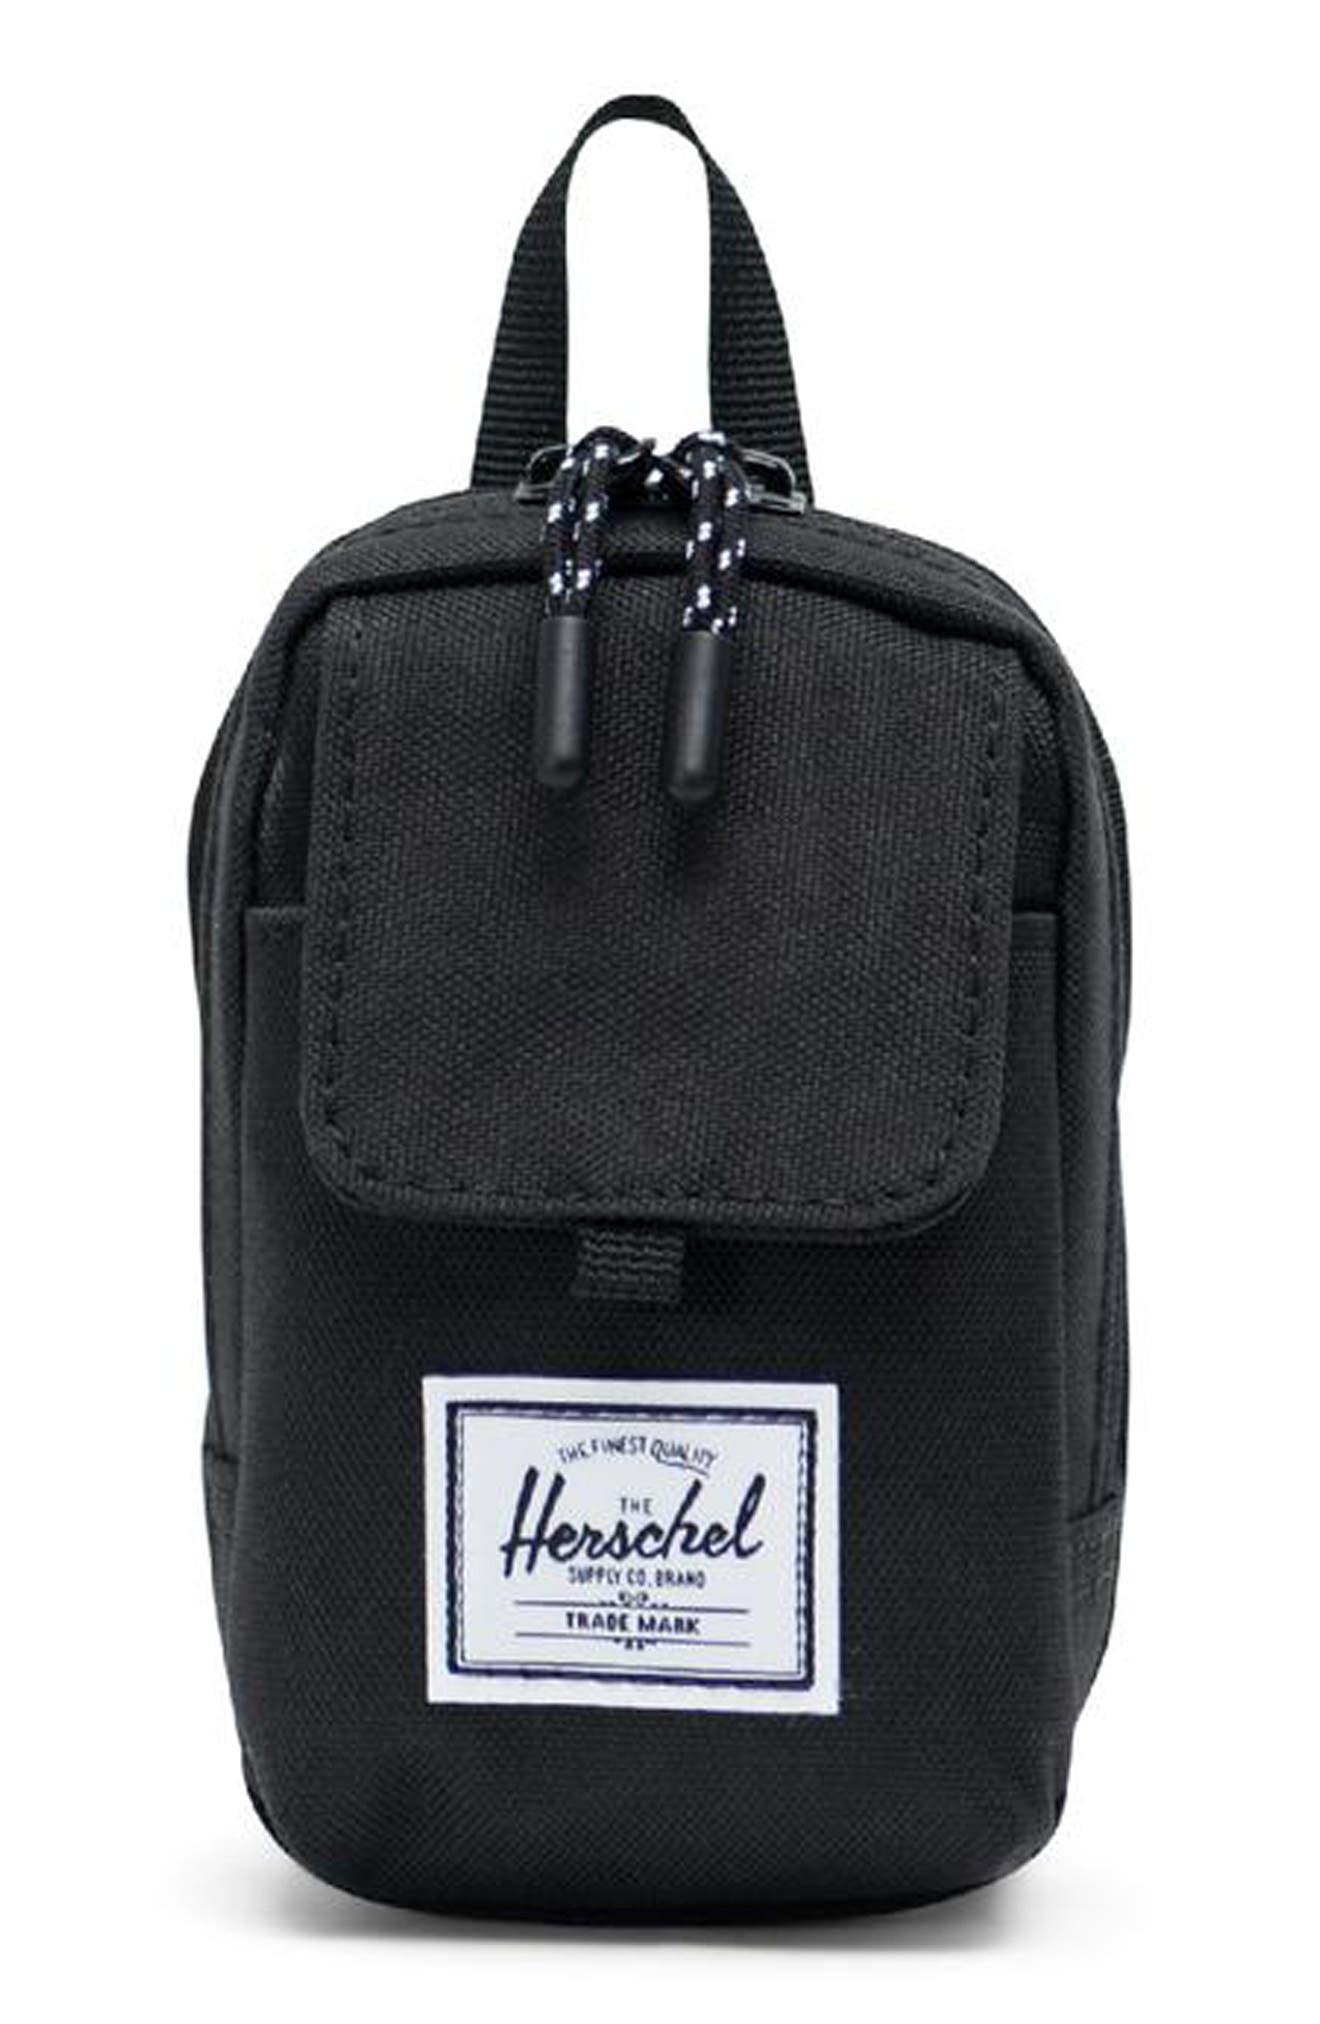 HERSCHEL SUPPLY CO. Small Form Shoulder Bag, Main, color, BLACK